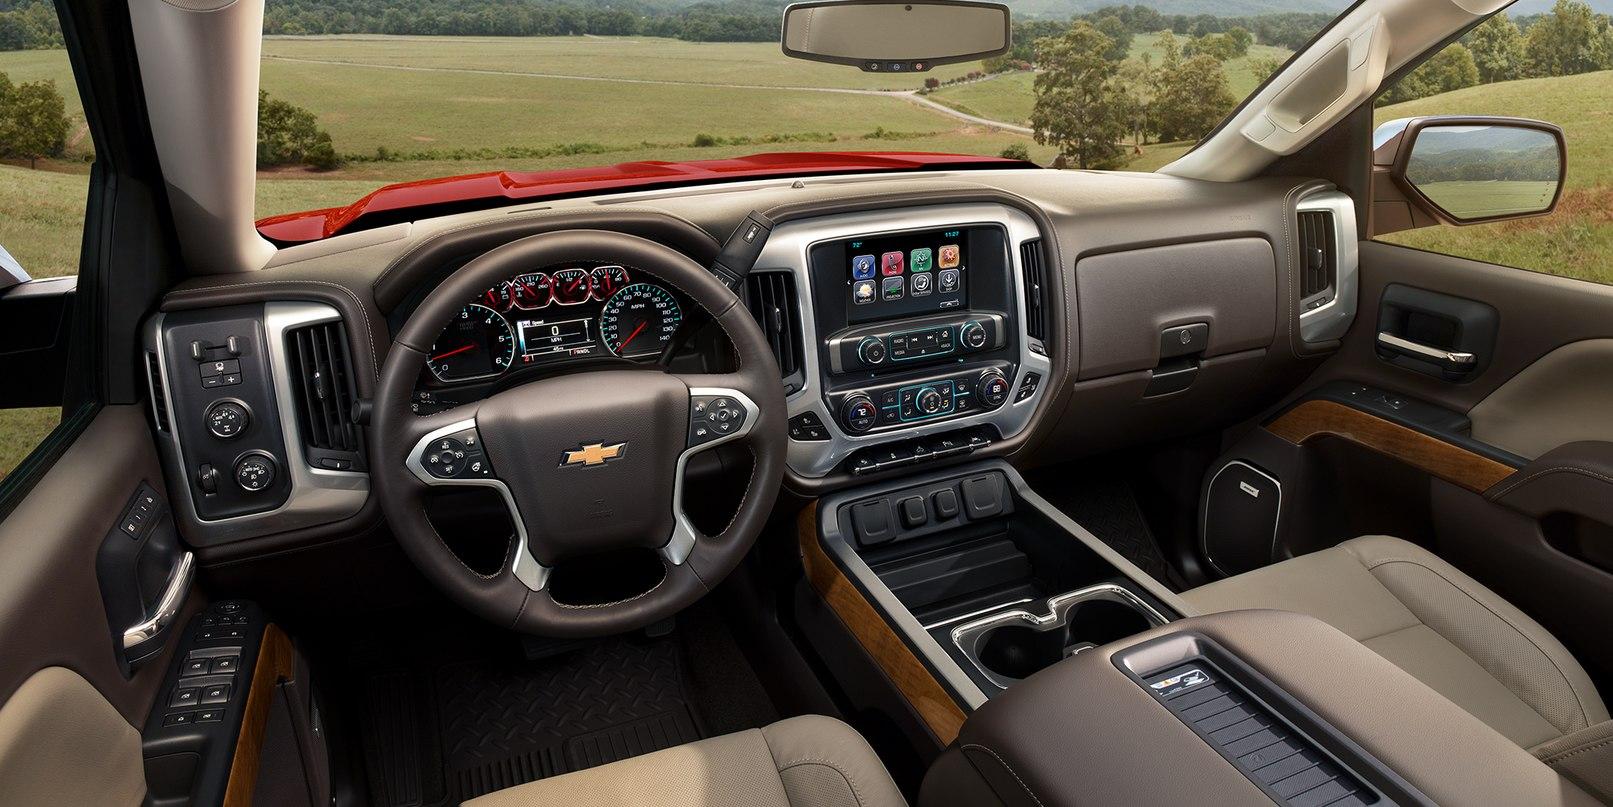 Interior of the 2018 Chevrolet Silverado 1500